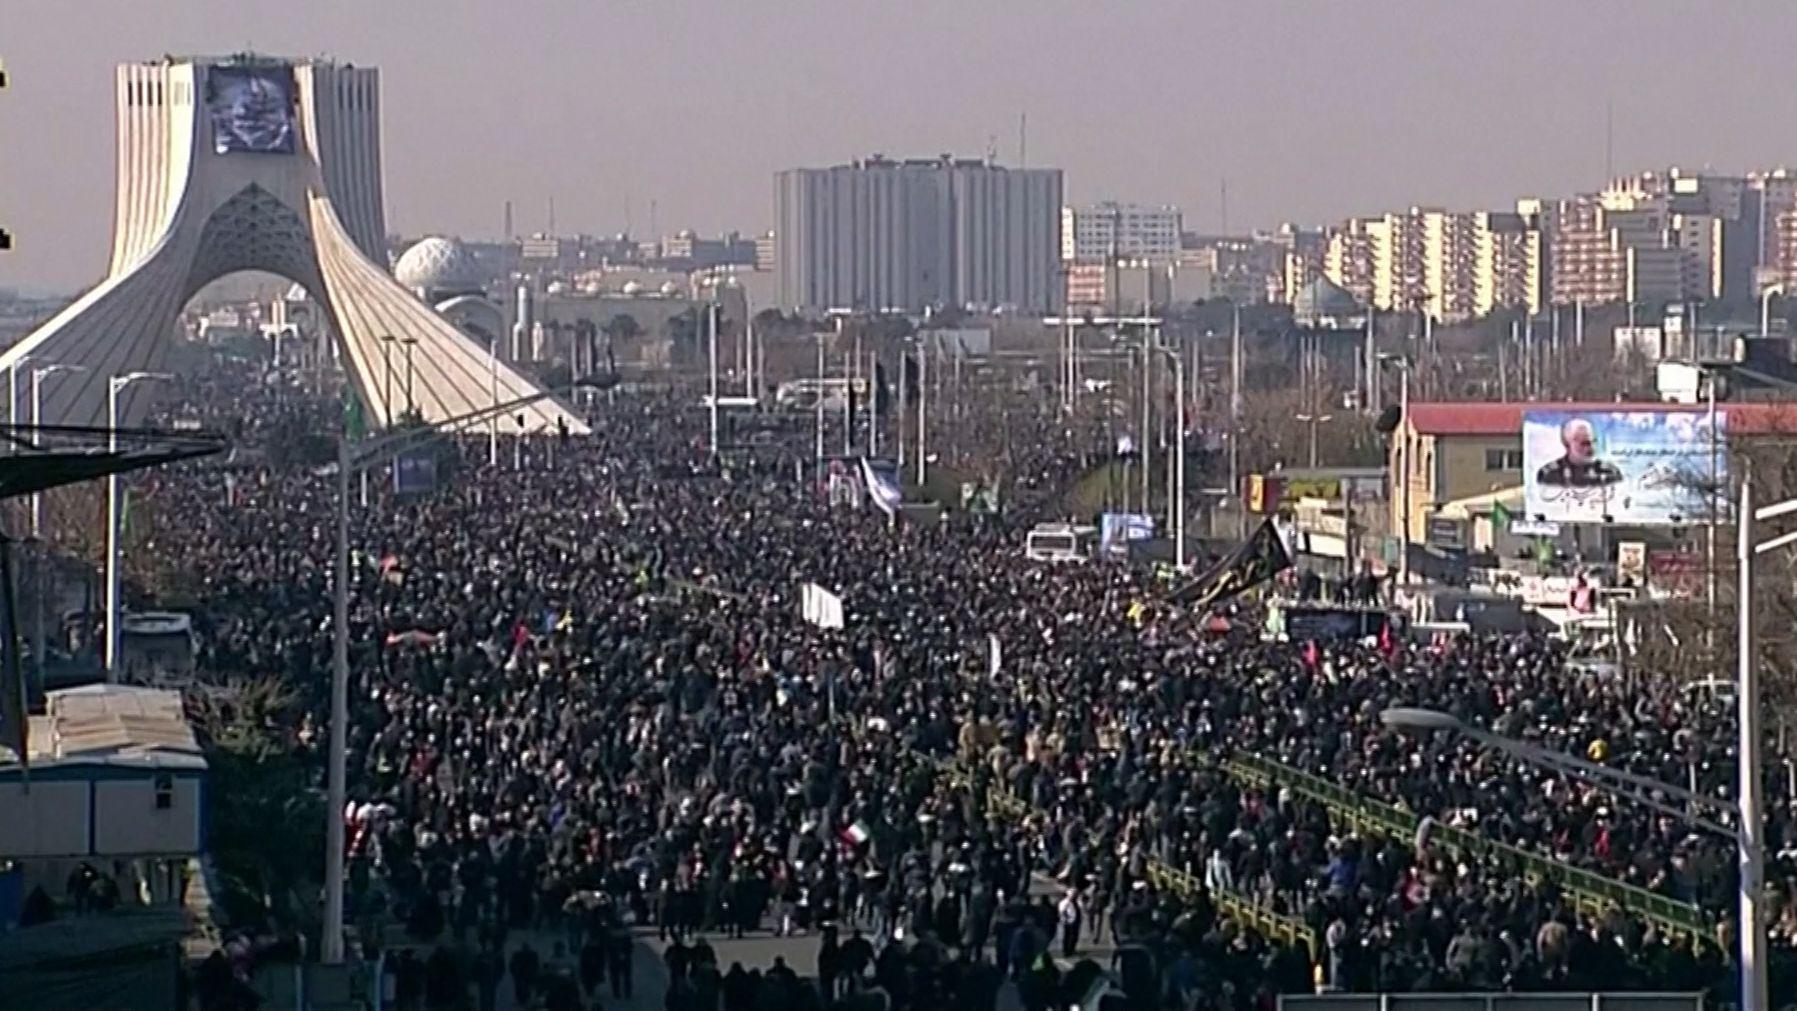 Hunderttausende bei Trauerfeier für getöteten General Soleimani